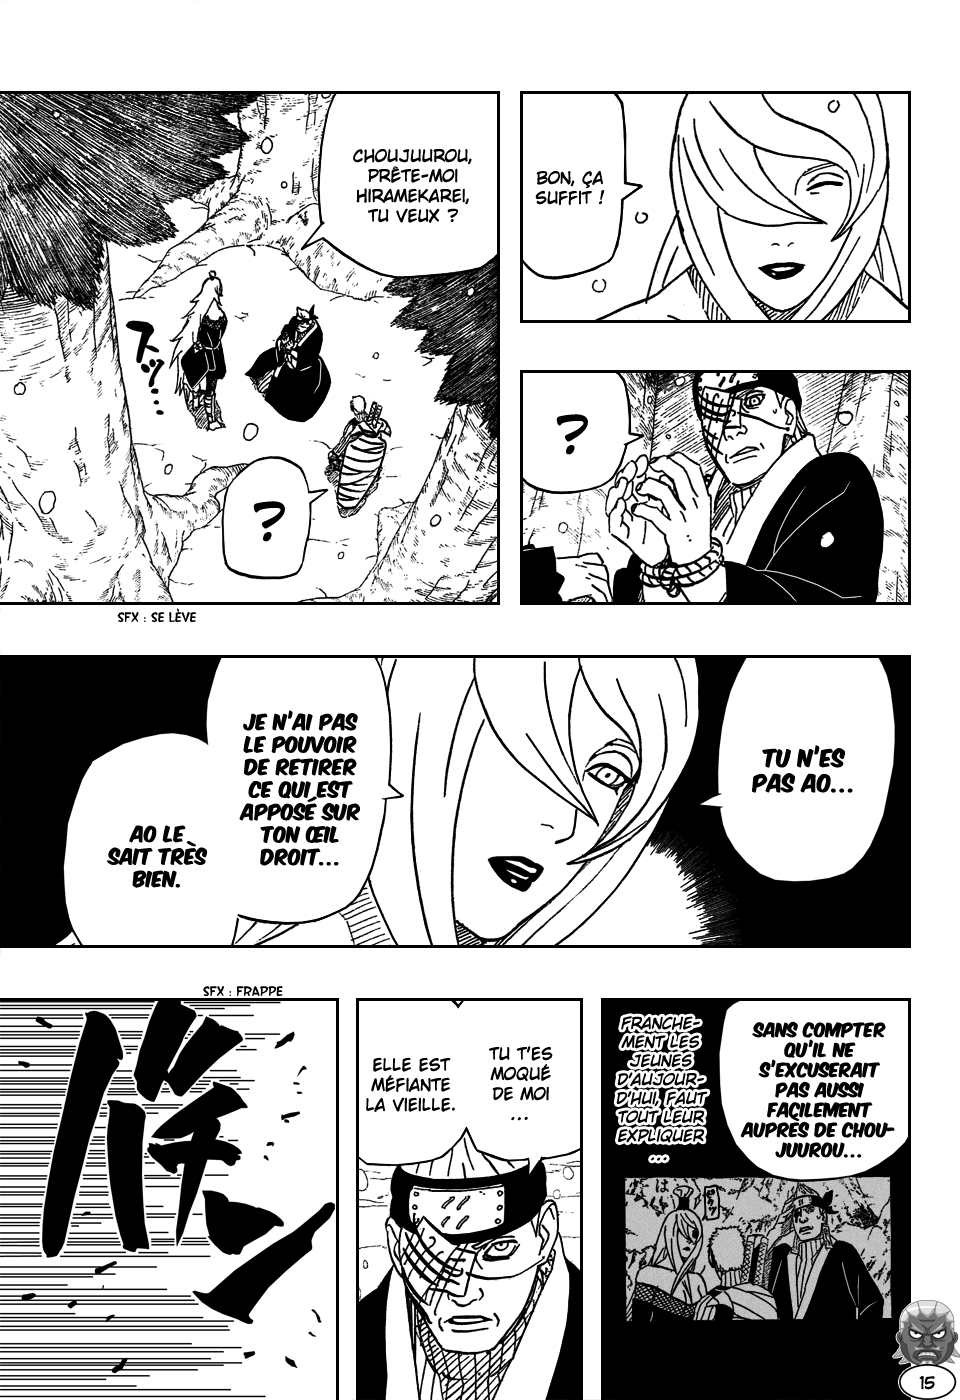 Naruto chapitre 473 - Page 14